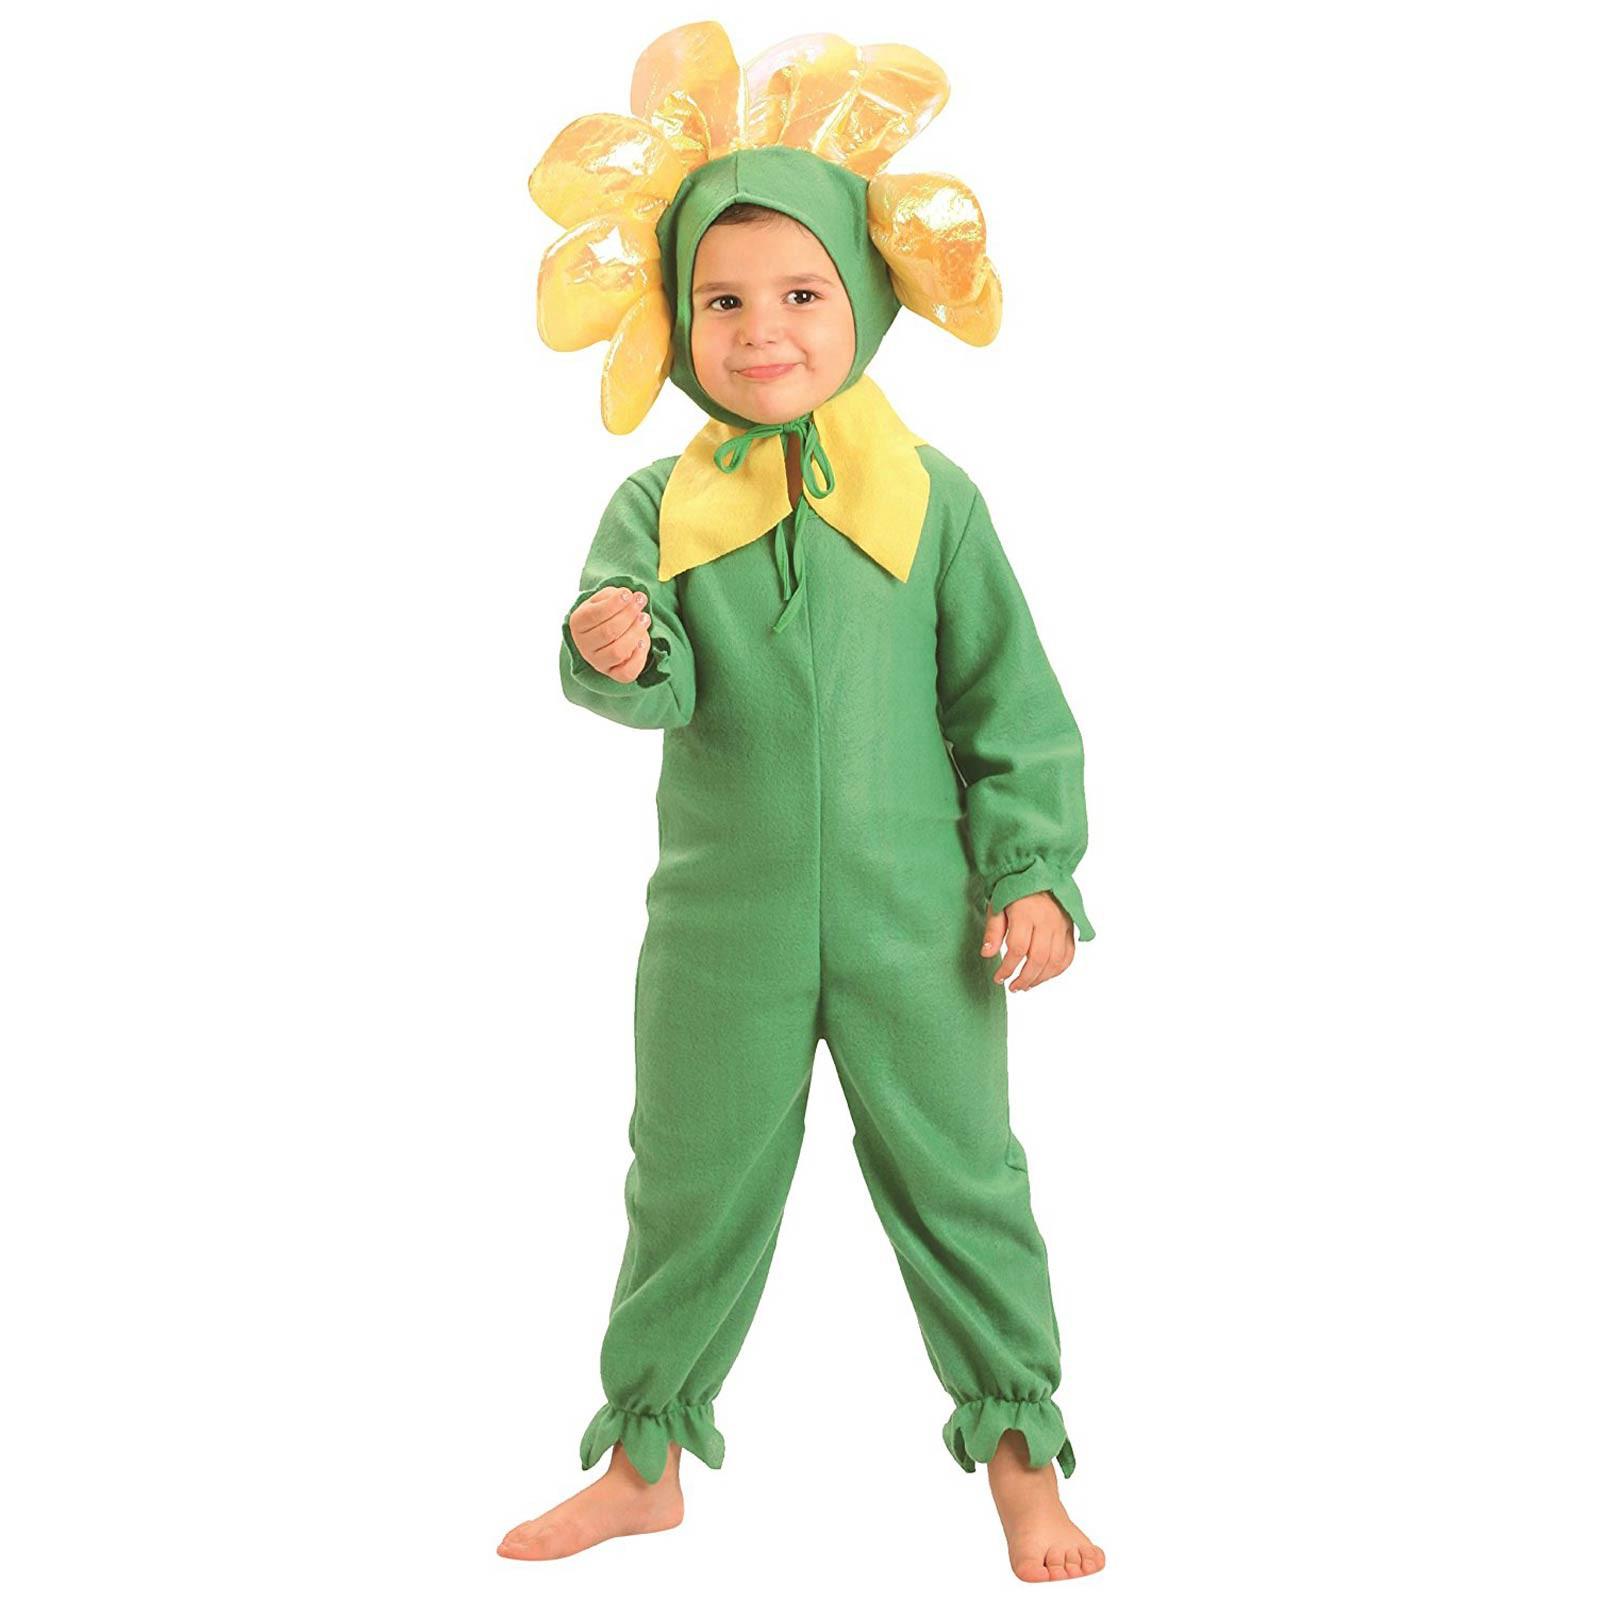 prima qualità la vendita di scarpe grande liquidazione Vestito di Carnevale Costume da Fiore per Bambina 3 4 Anni